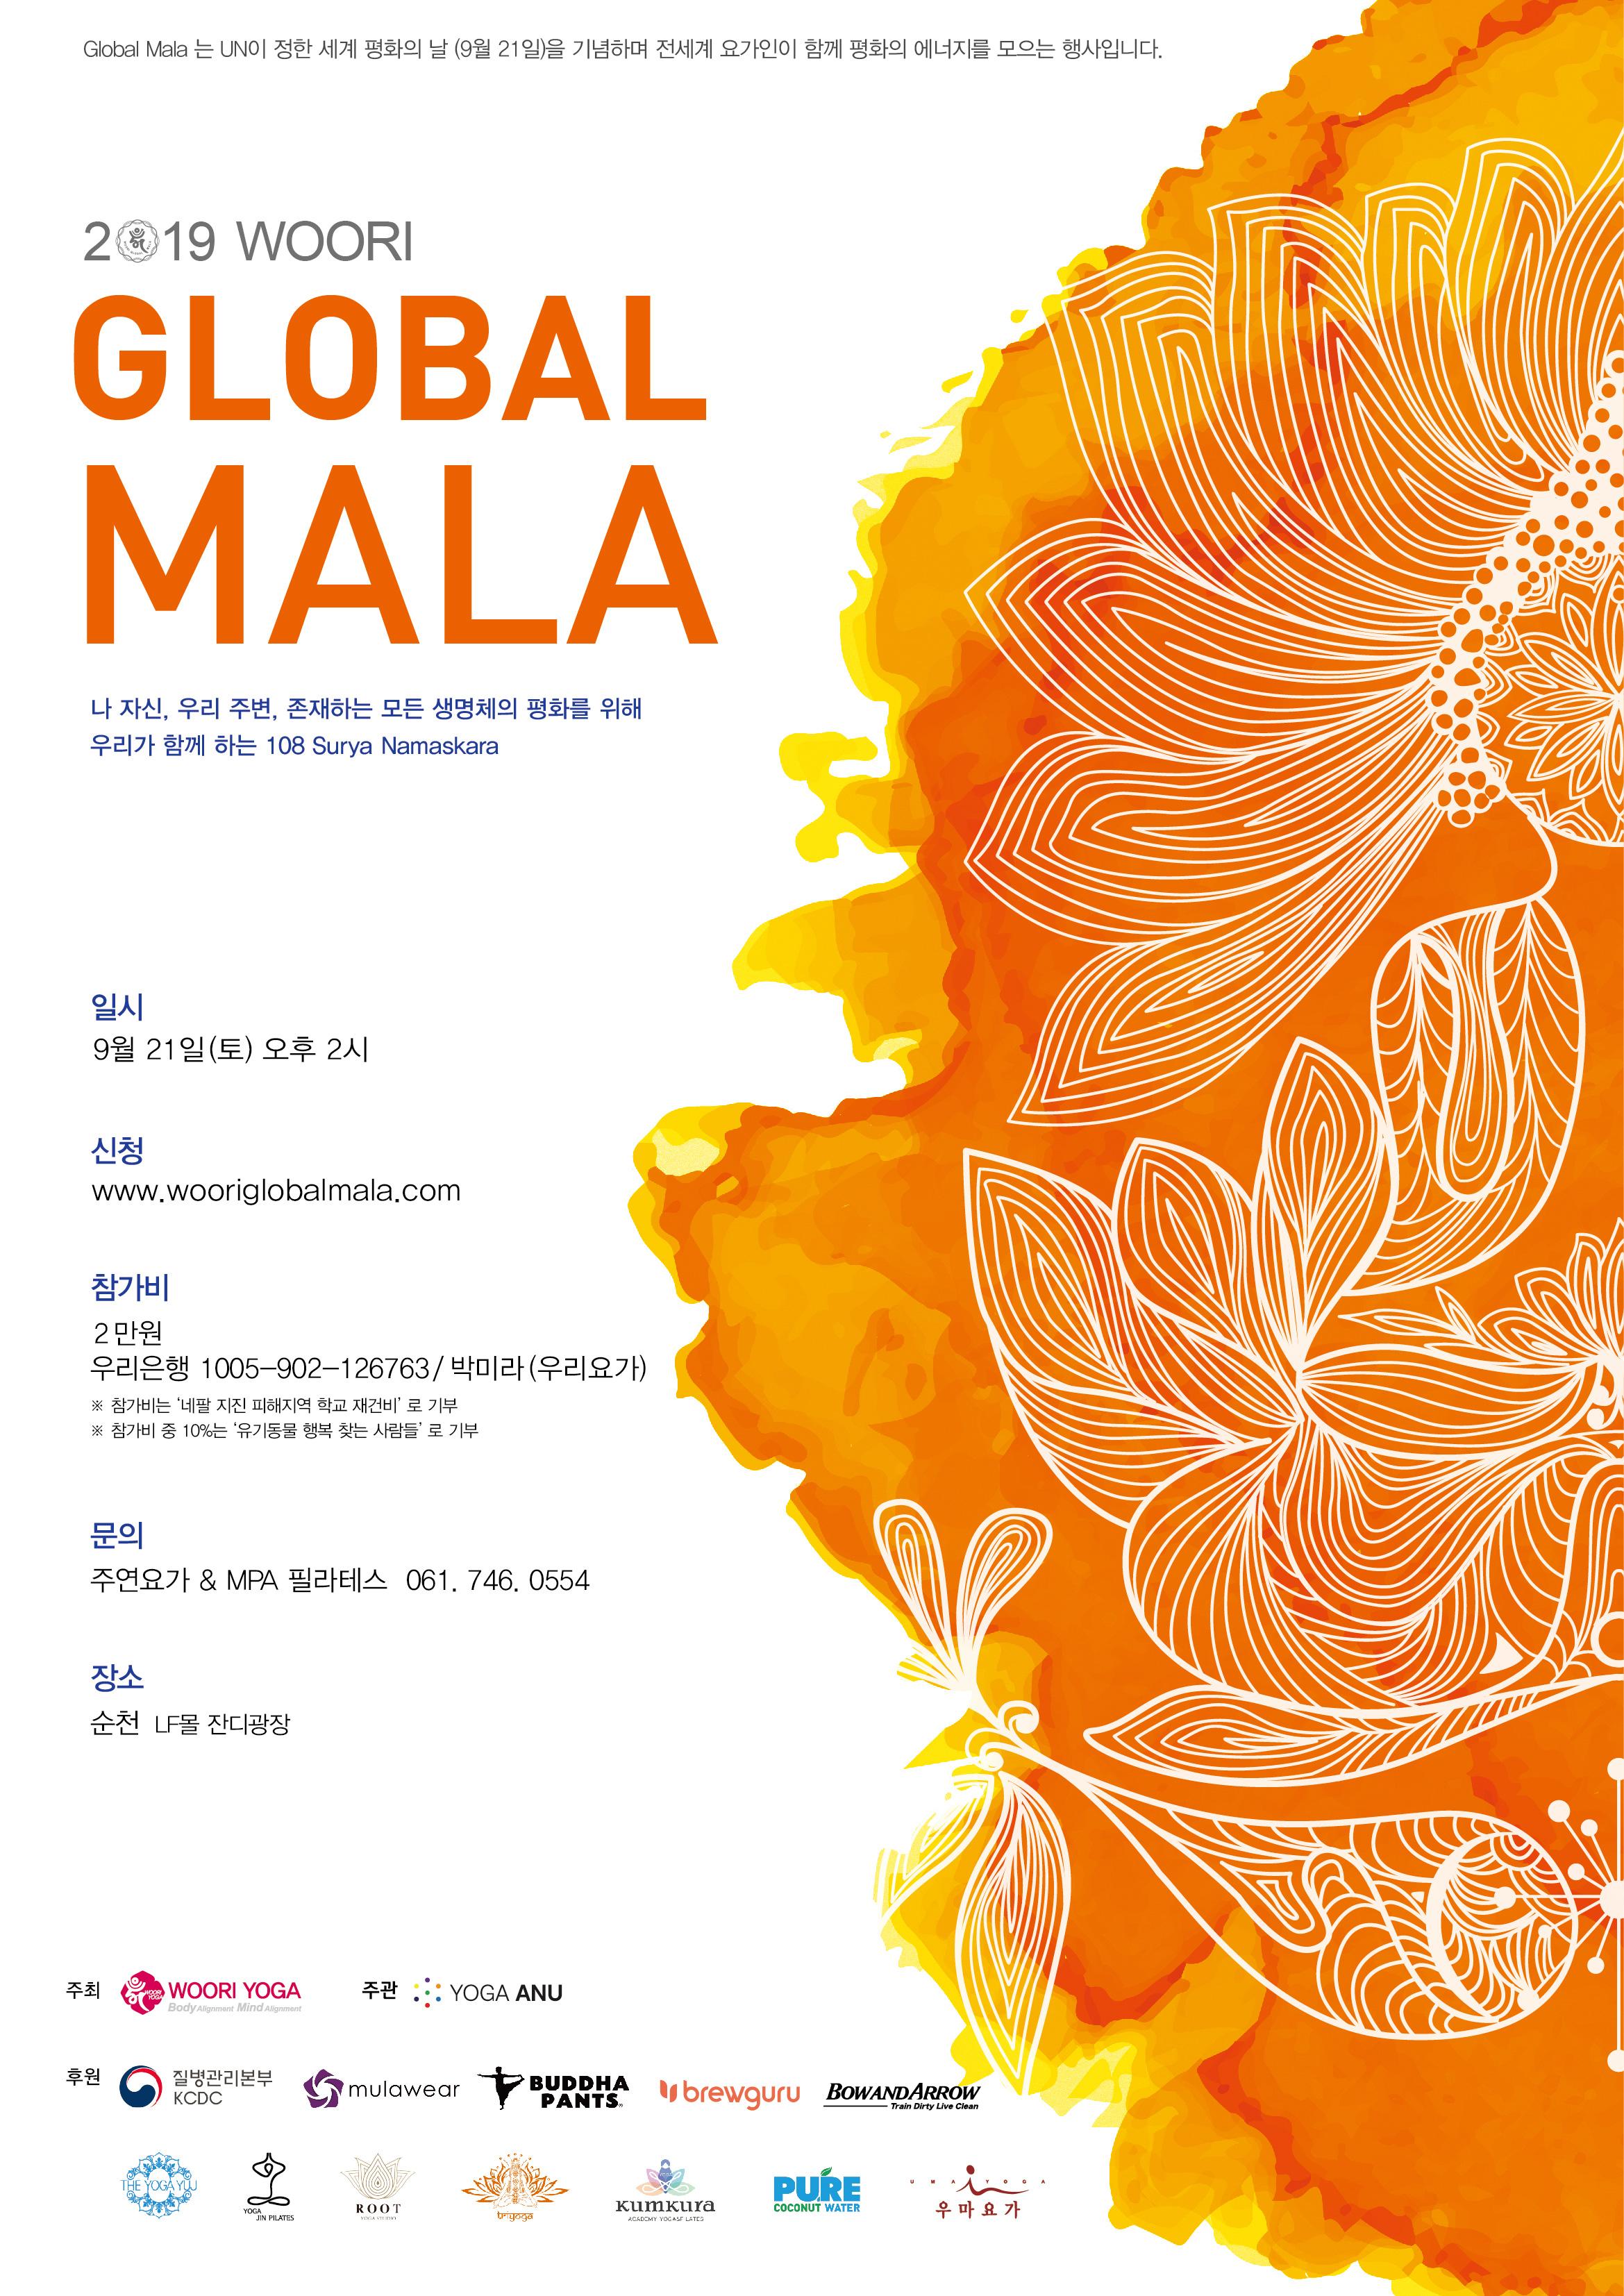 2019 우리 글로벌 말라 - 여수.jpg